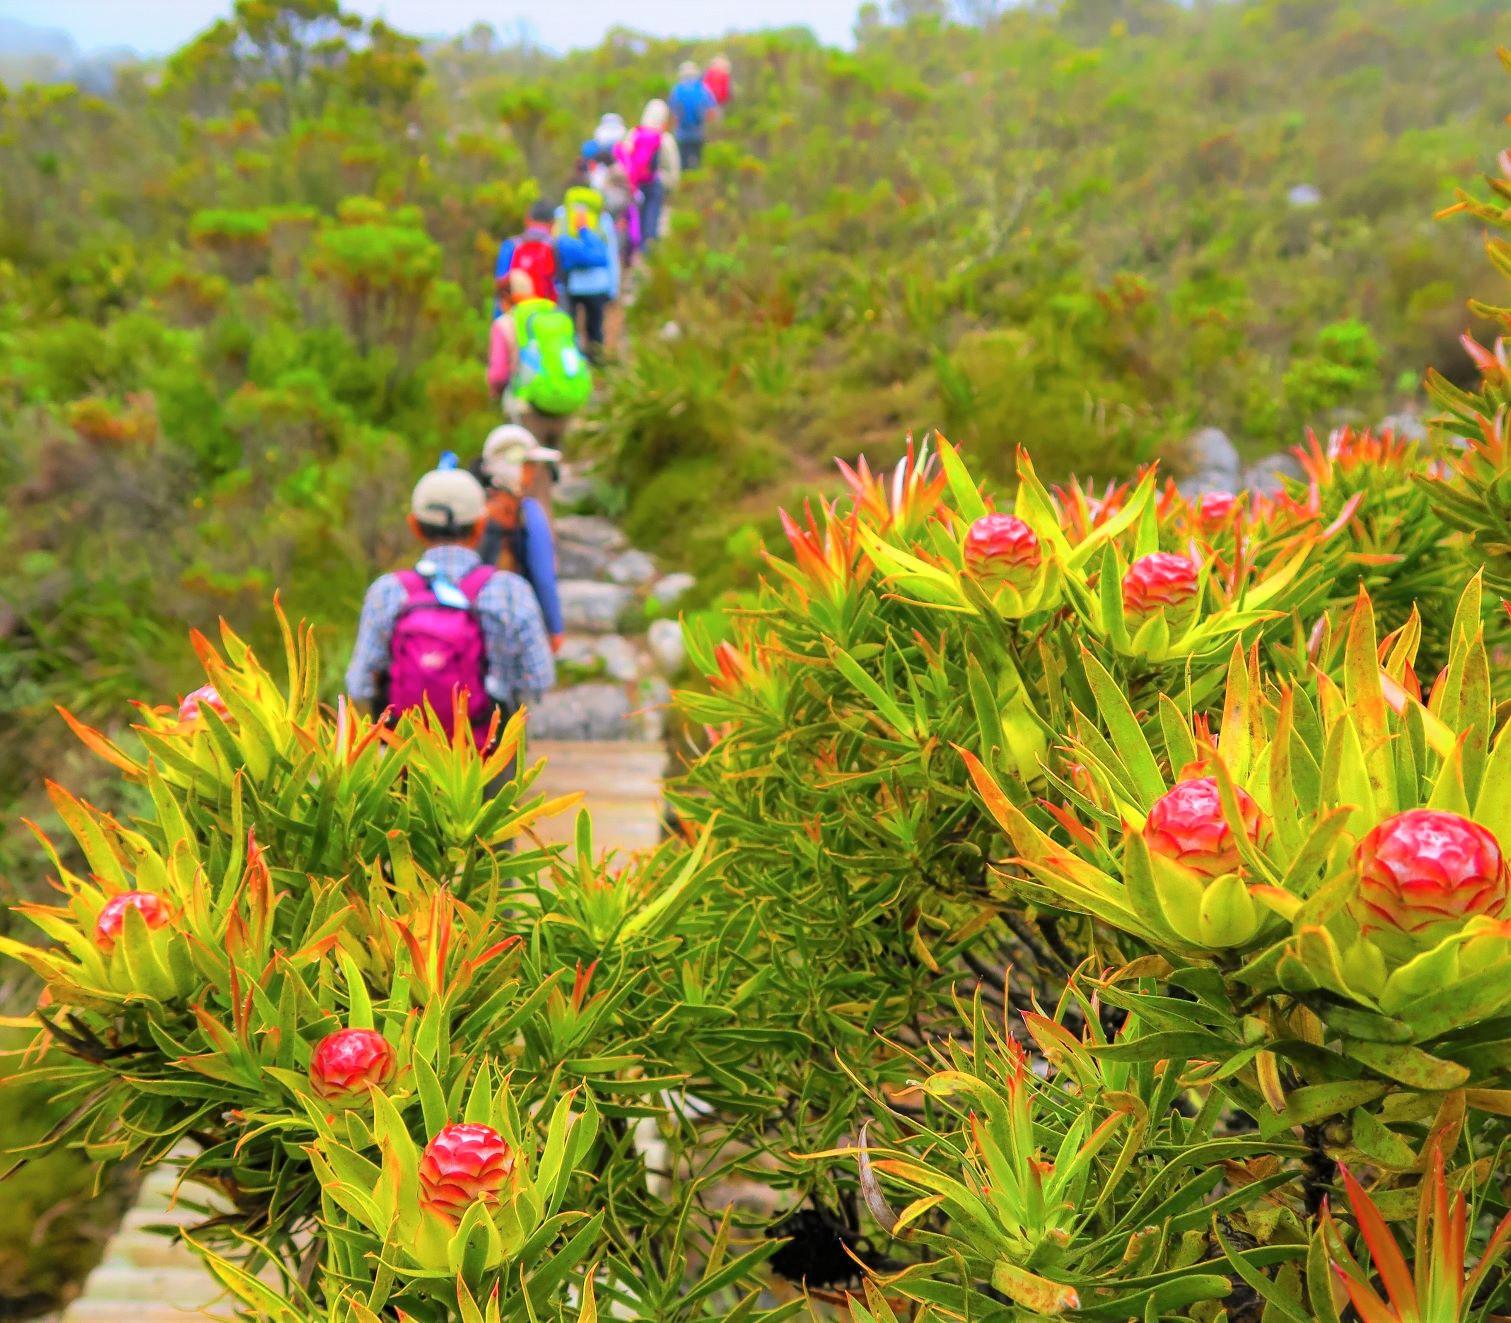 【催行予定・残席僅か】11月26日出発【髙橋修さん同行】ナミビア&南アフリカ 不思議植物の探訪とケープ半島フラワー・ハイキング 9日間